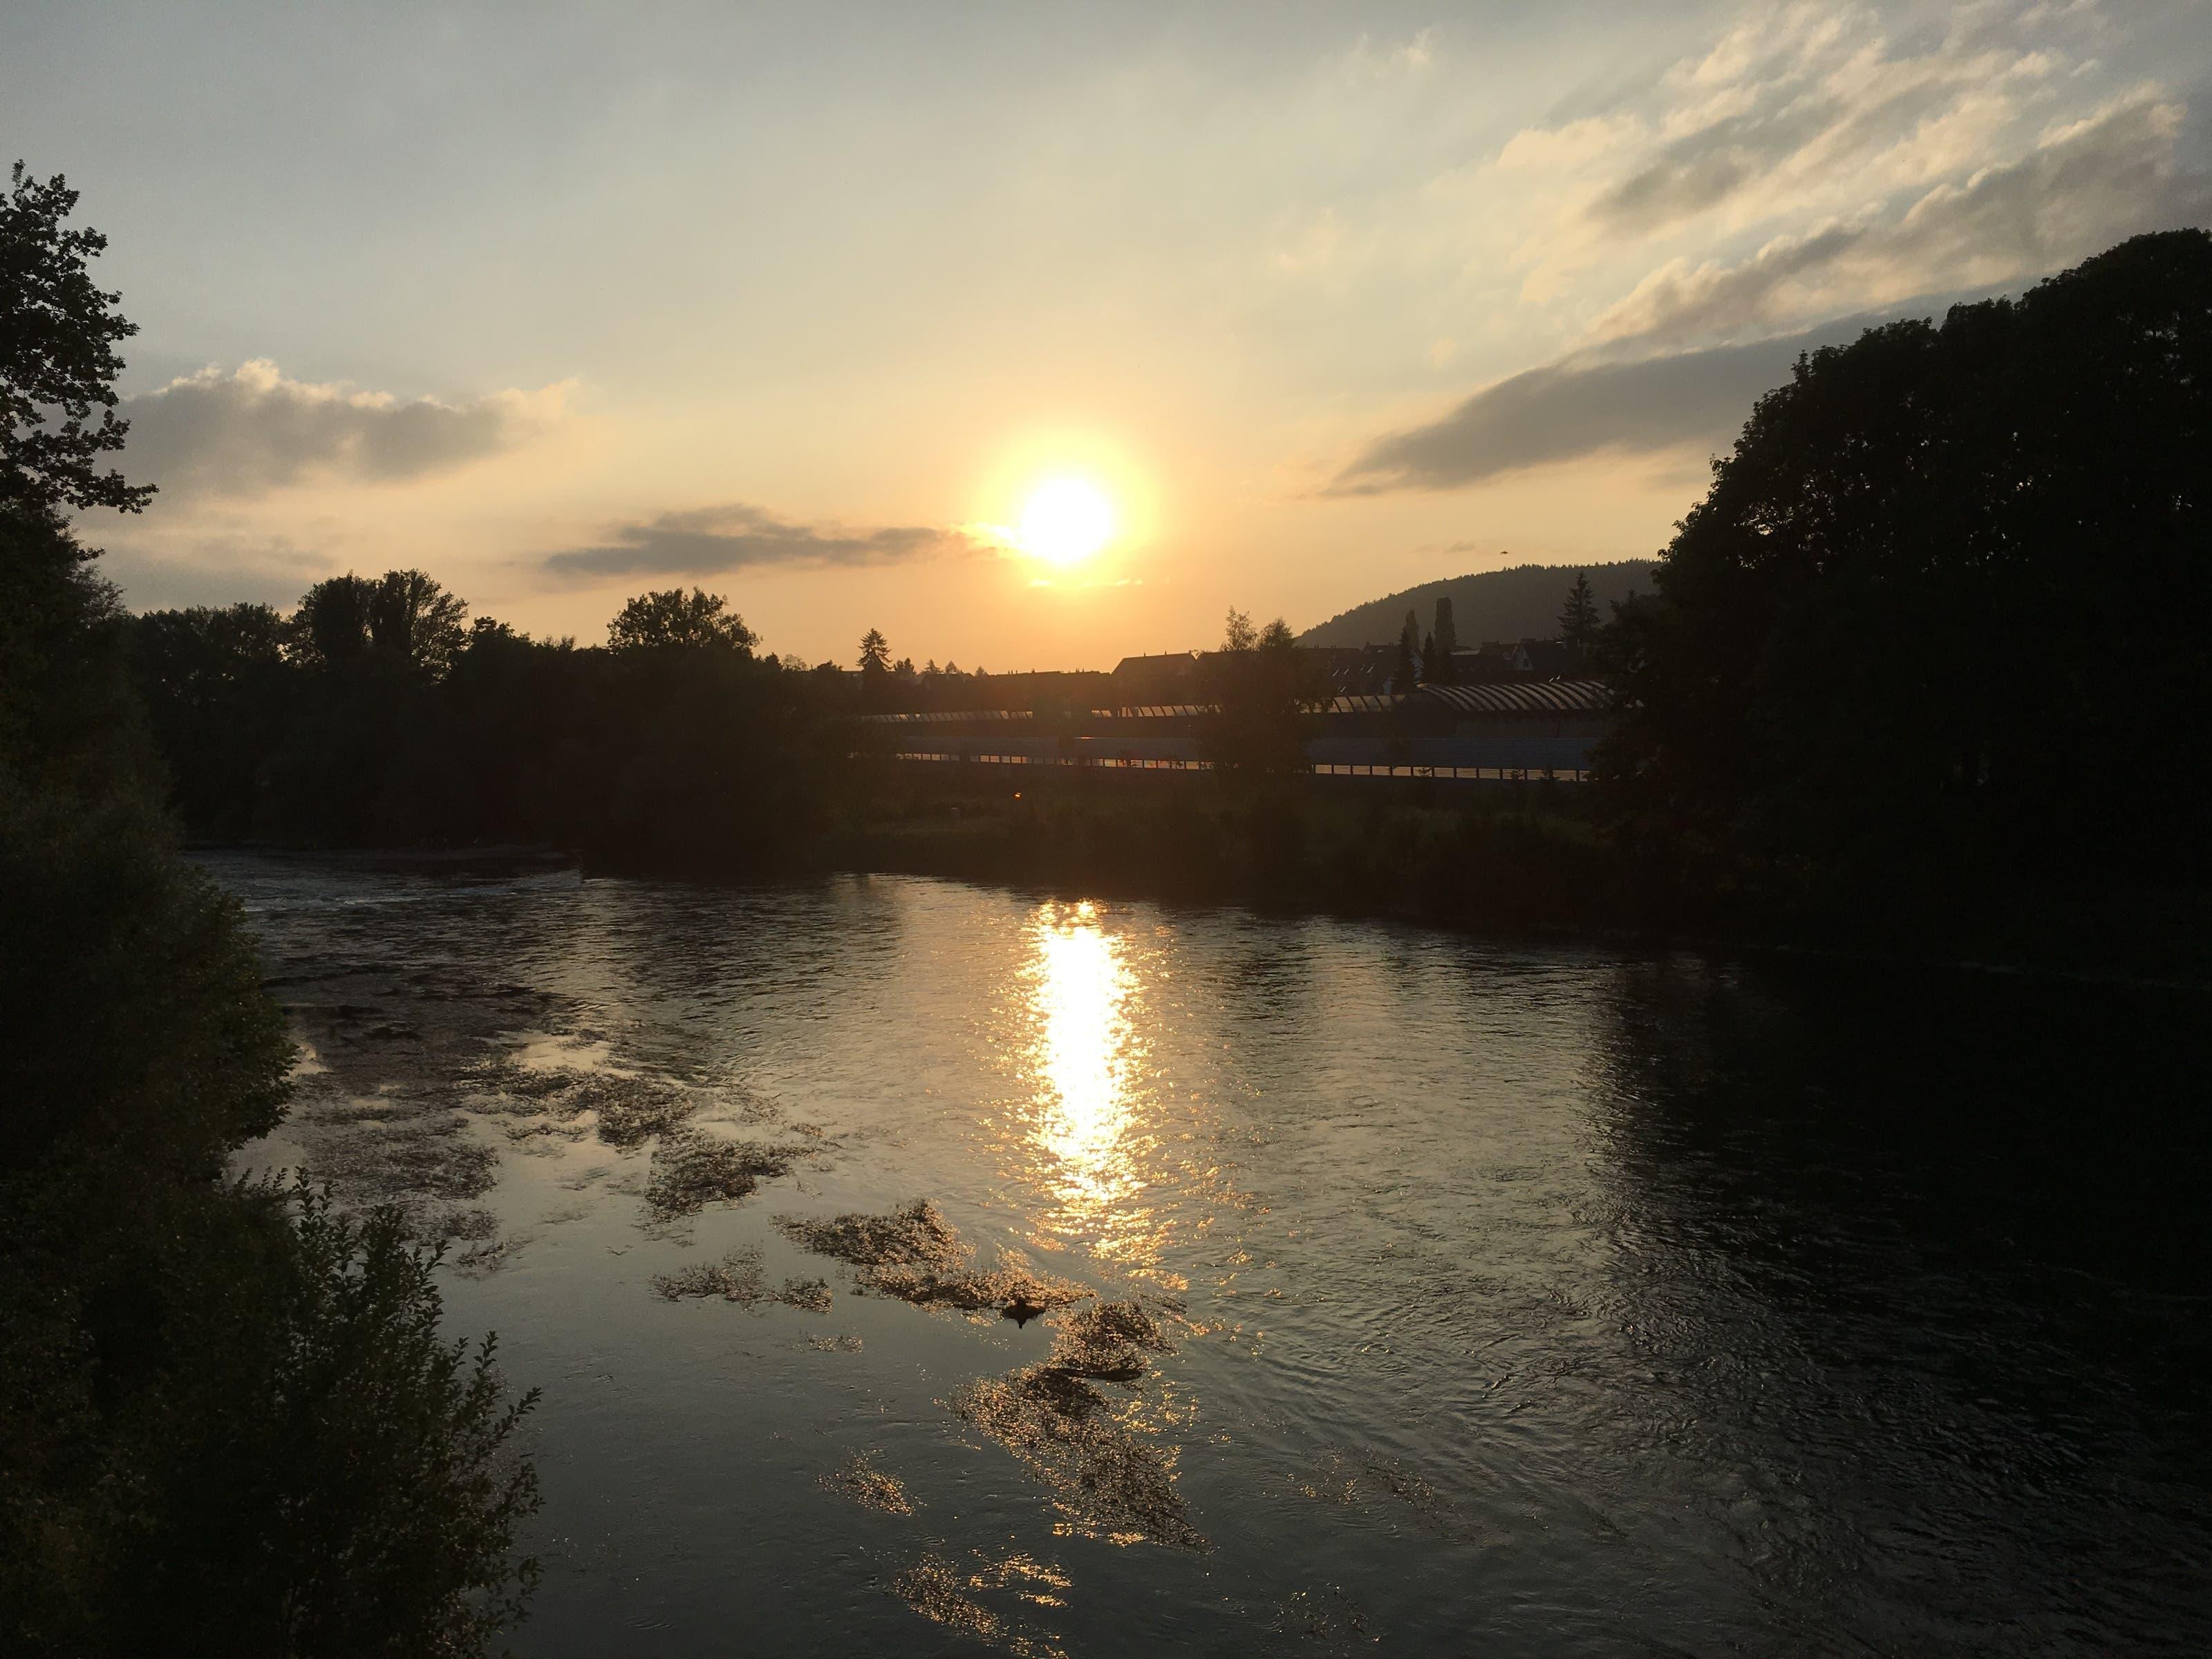 undefined Abendstimmung beim Velofahren in Unterengstringen. Aufnahme Samstag 24.6.17